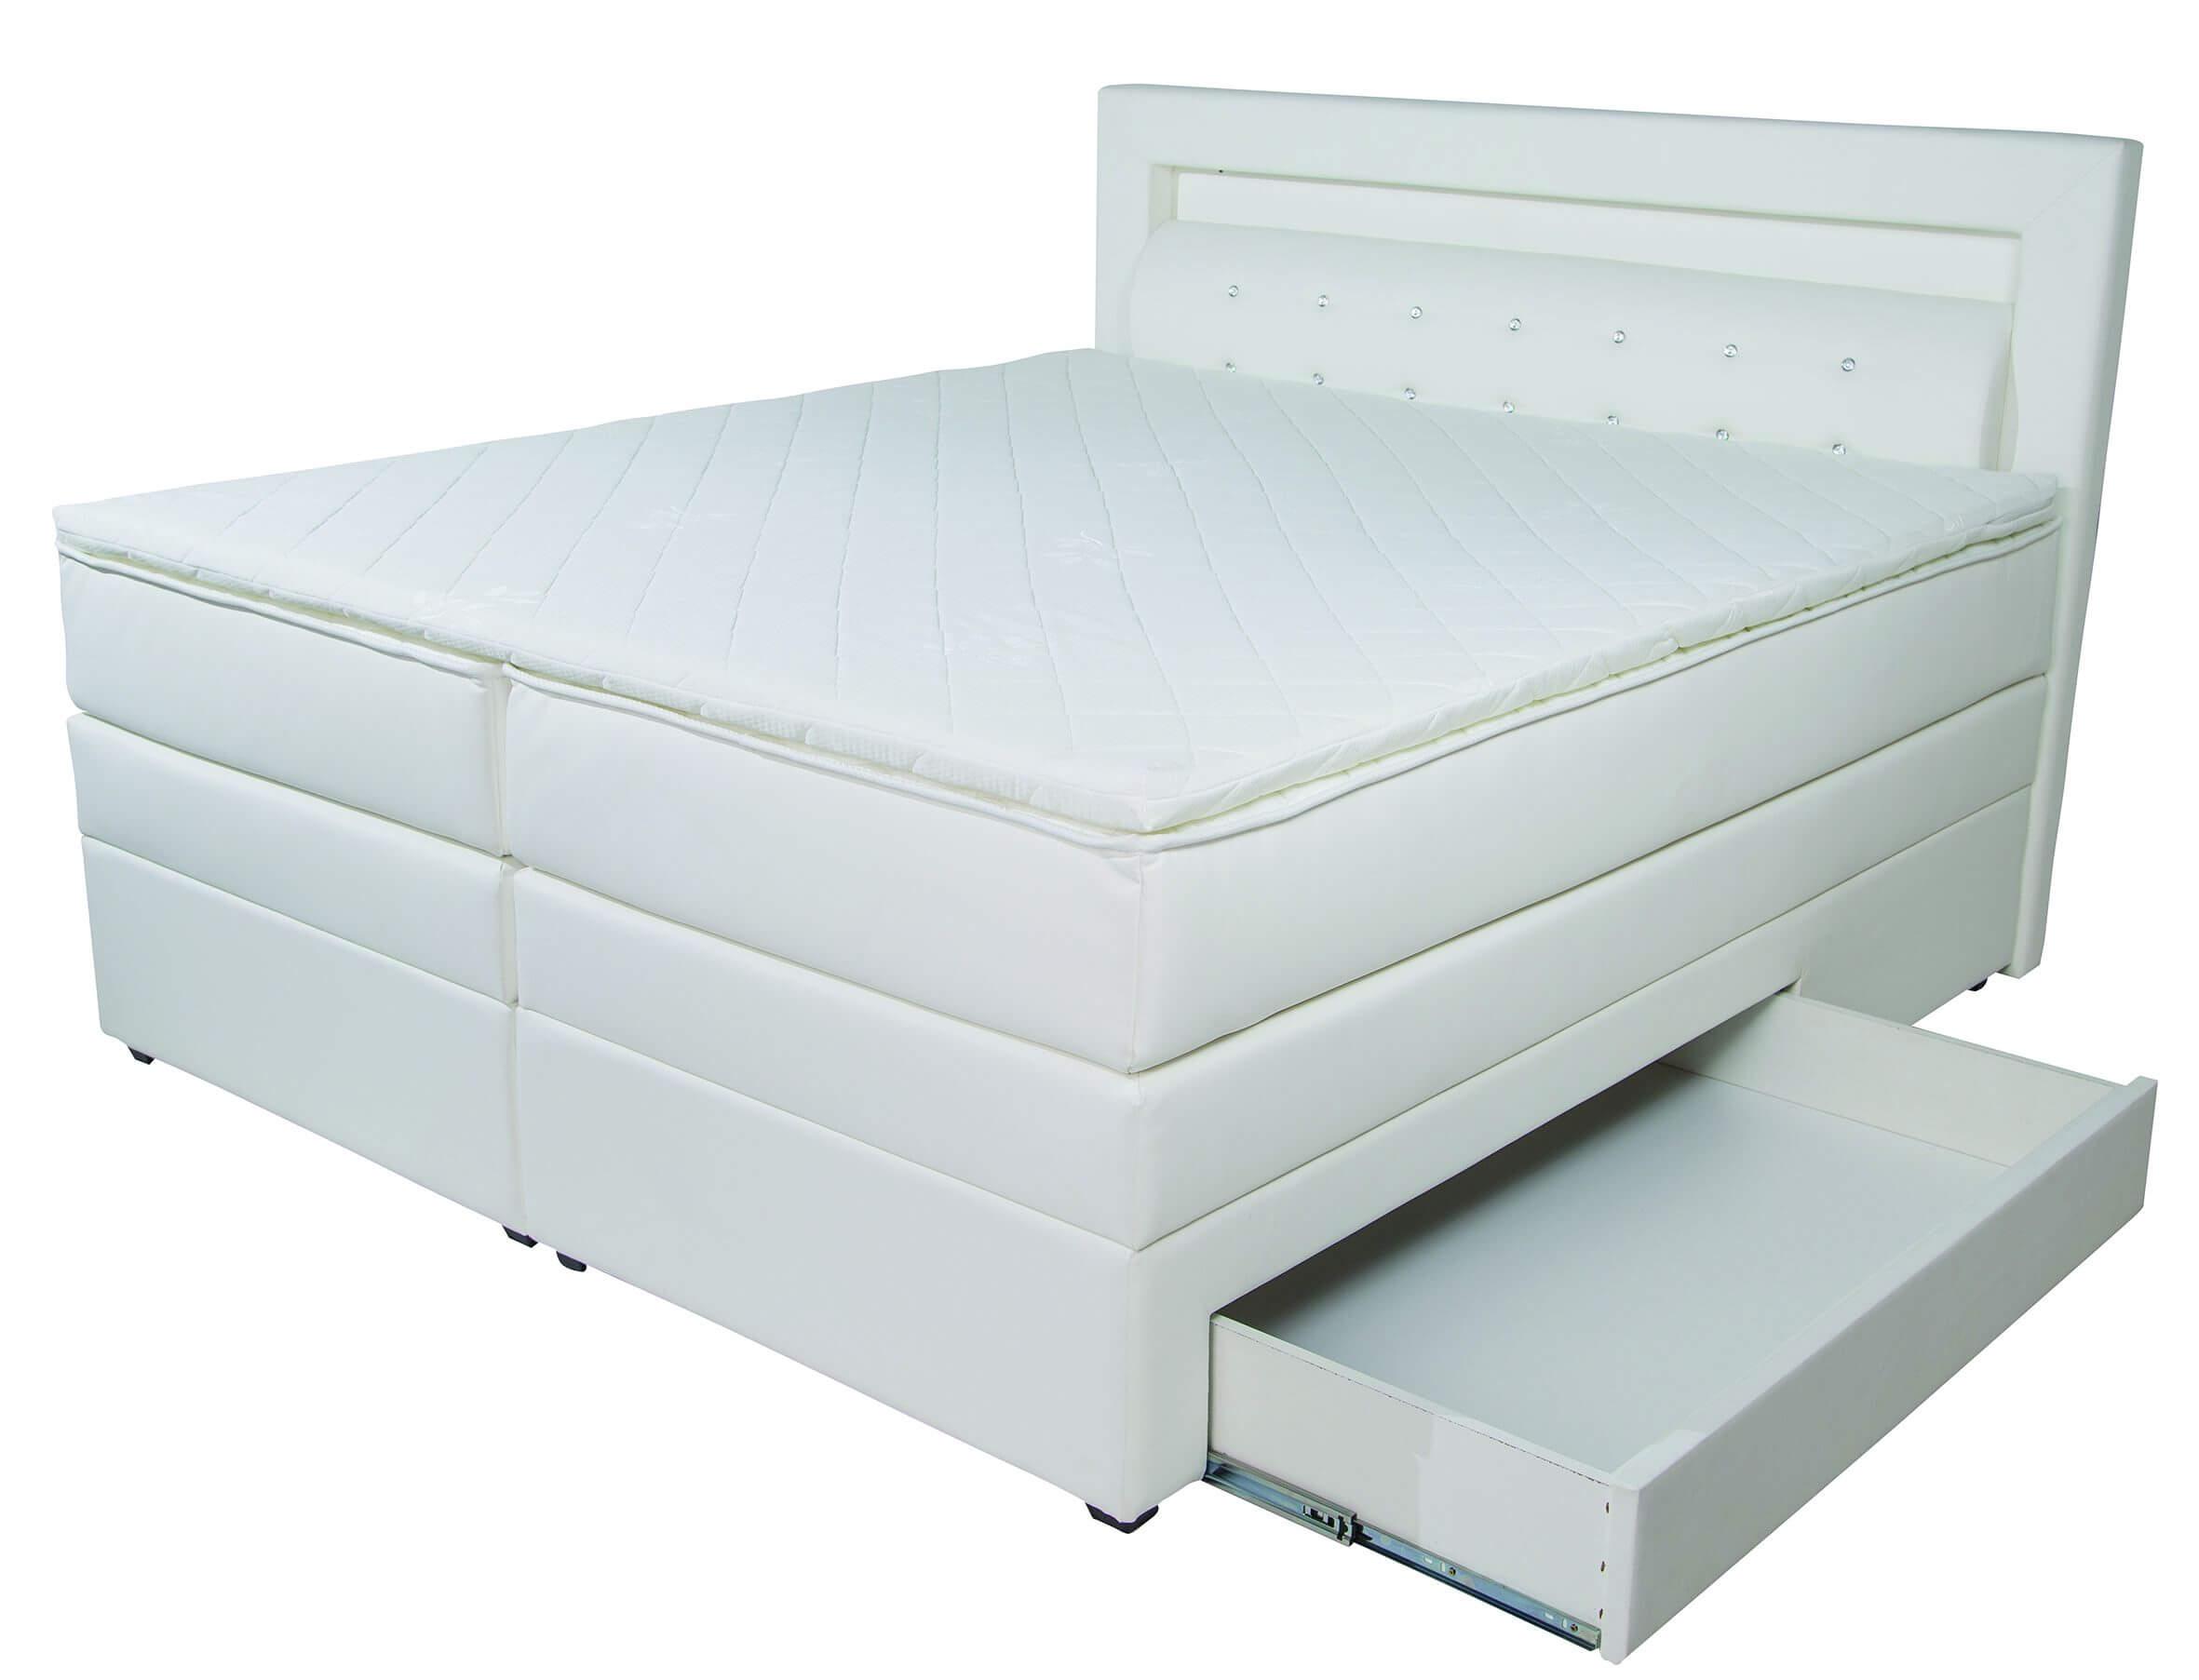 ALLURE krevet ladica